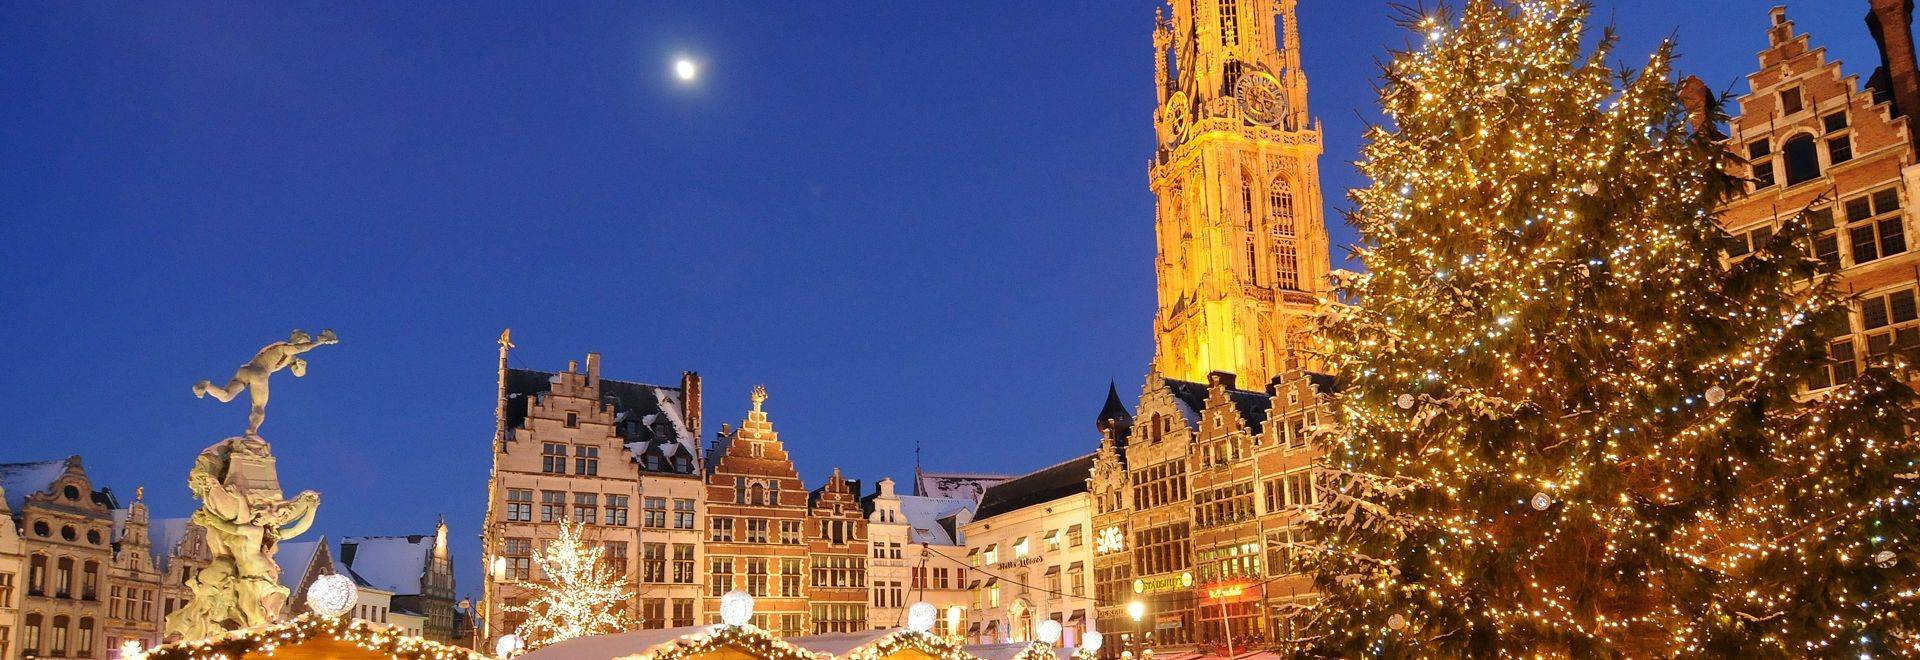 Explore The Delightful Christmas Market In Antwerp